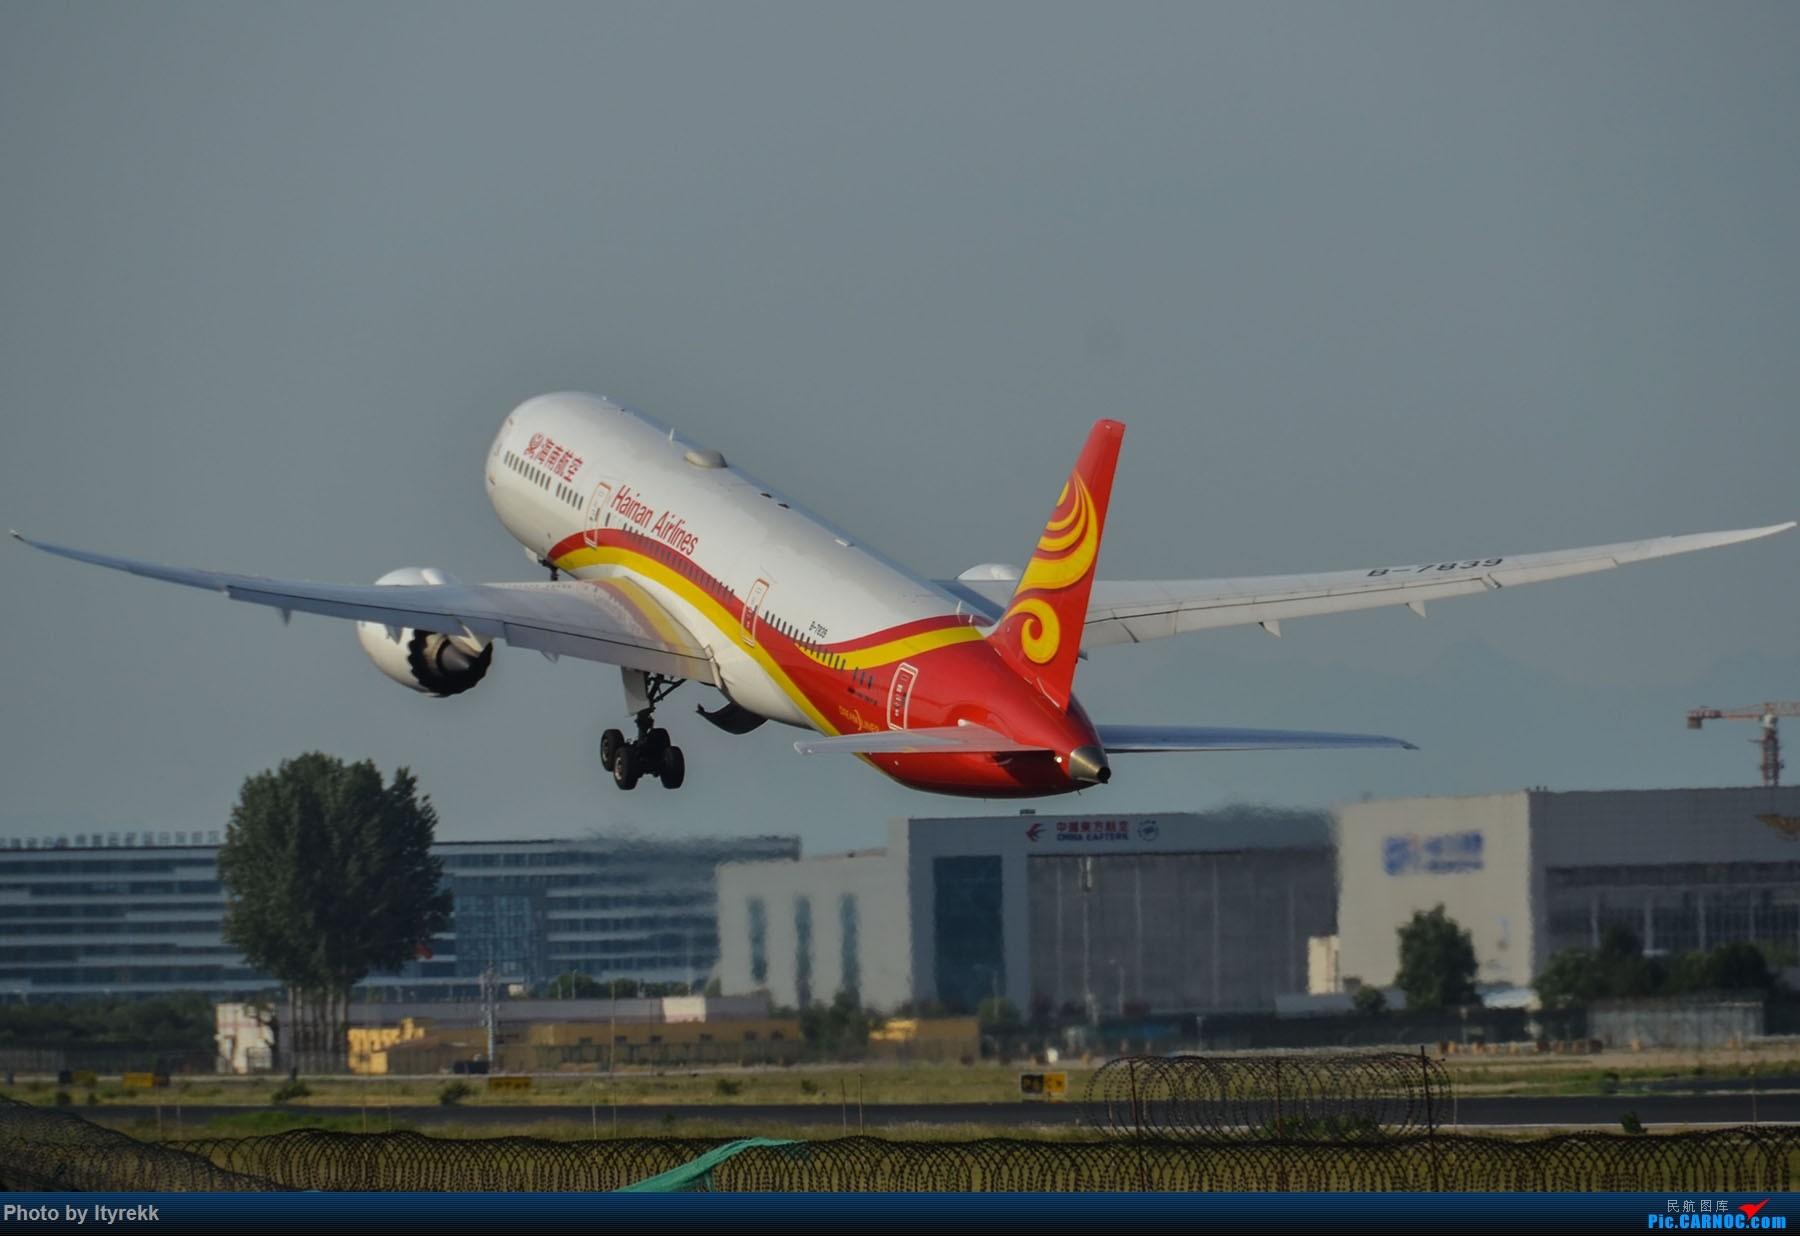 Re:[原创]很久没有发图了。PEK二十里铺的一下午 BOEING 787-9 B-7839 中国北京首都国际机场